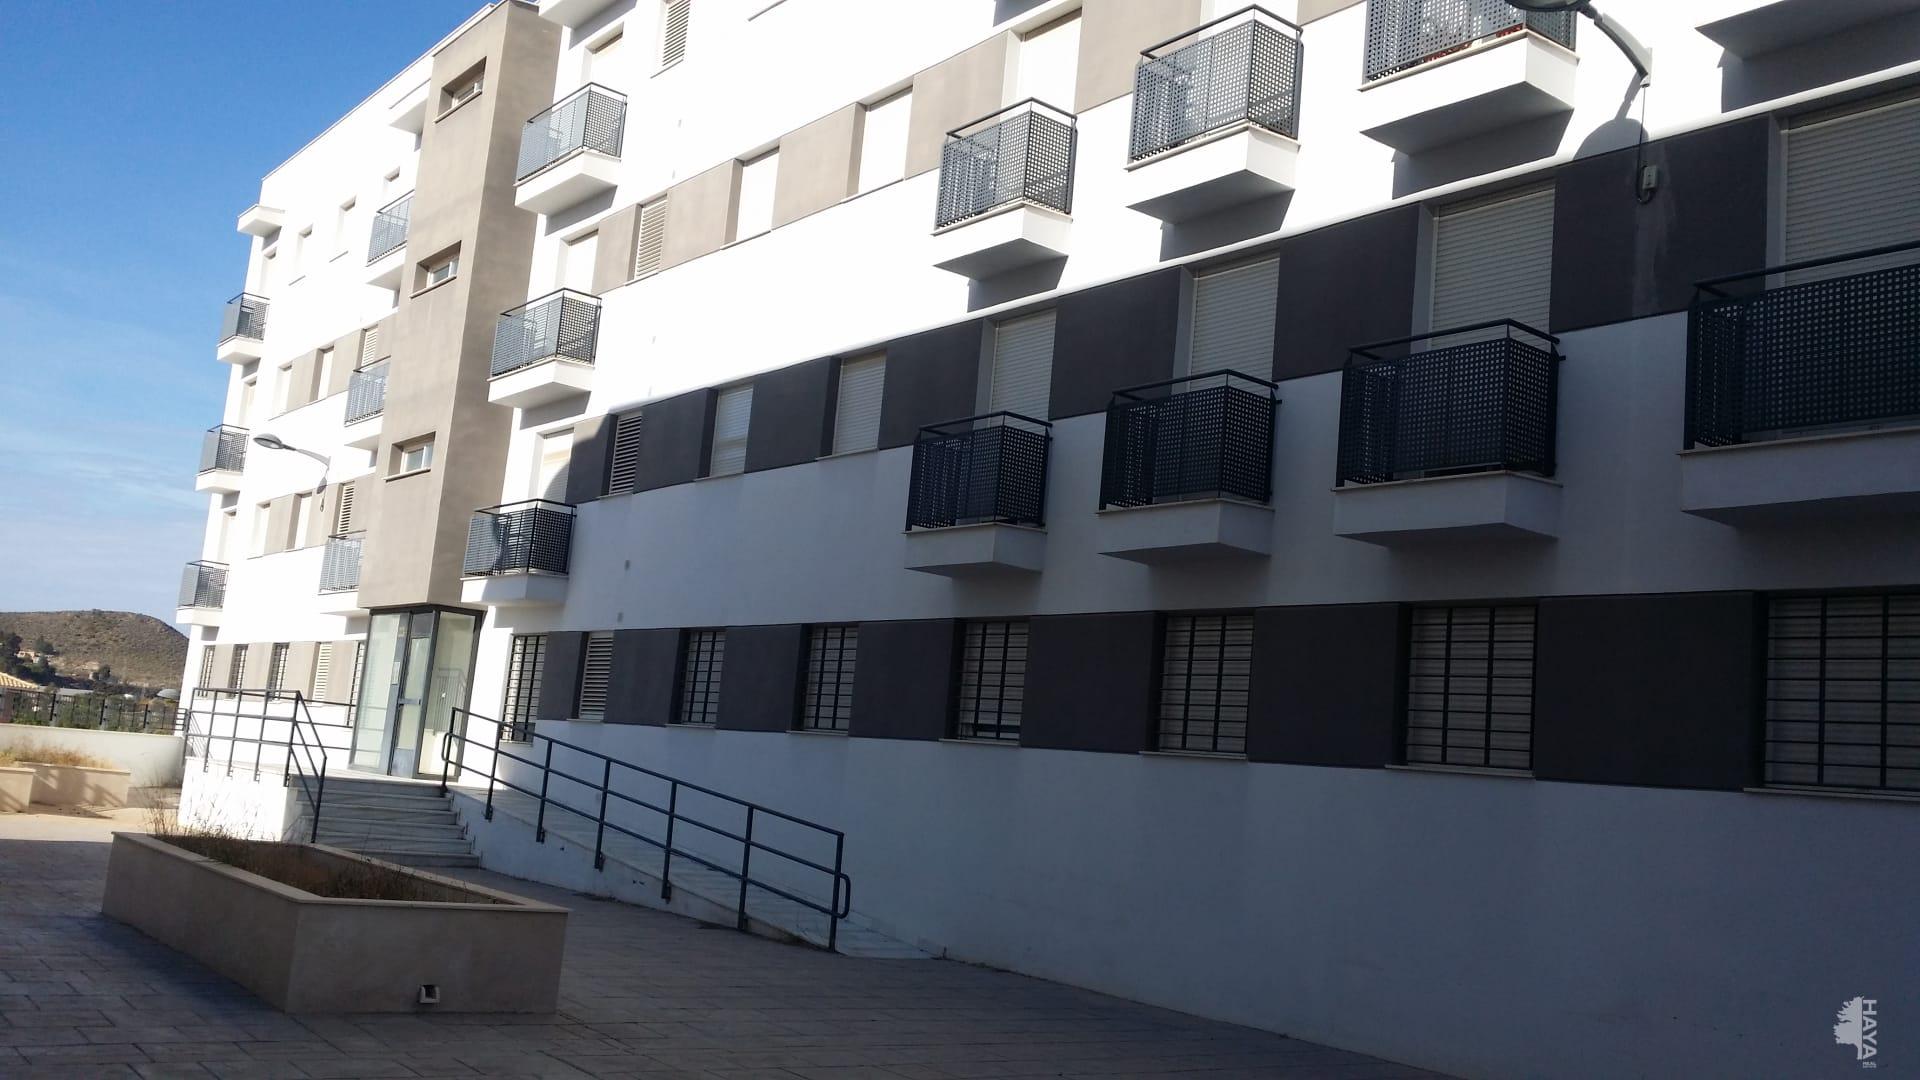 Piso en venta en Olula del Río, Almería, Calle Alta, 65.500 €, 3 habitaciones, 1 baño, 98 m2